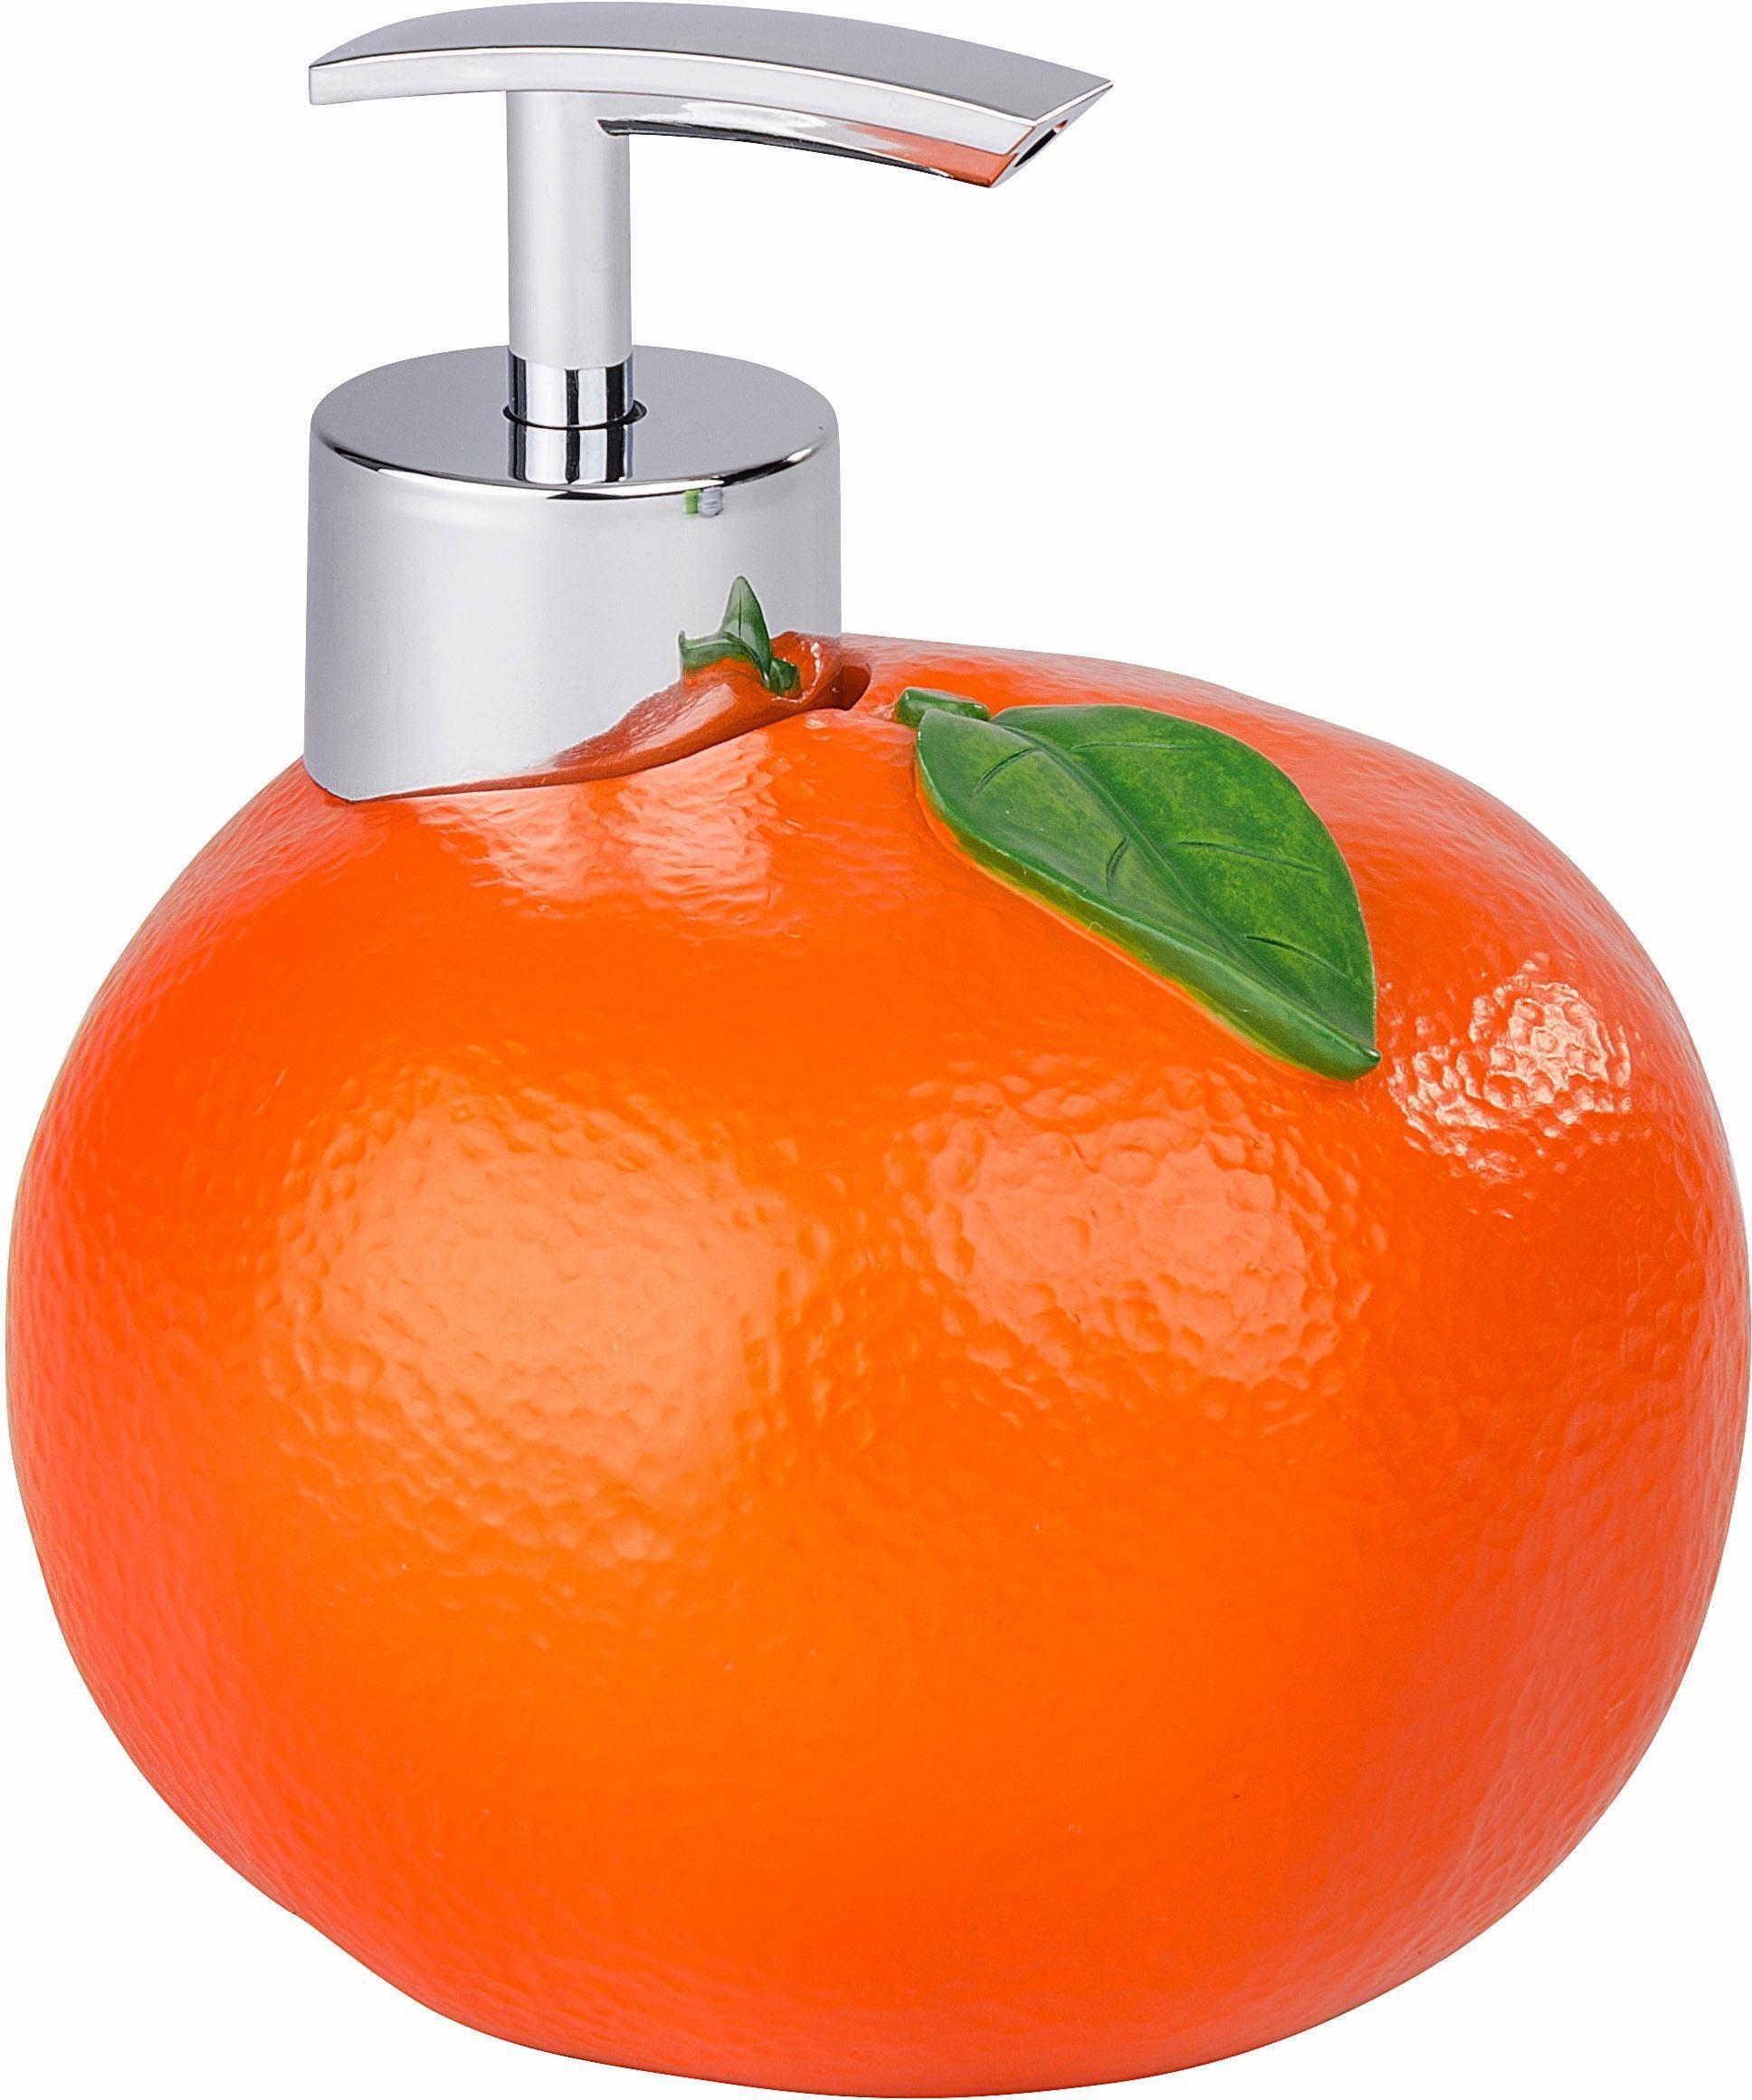 Wenko Spülmittelspender, »Orange«